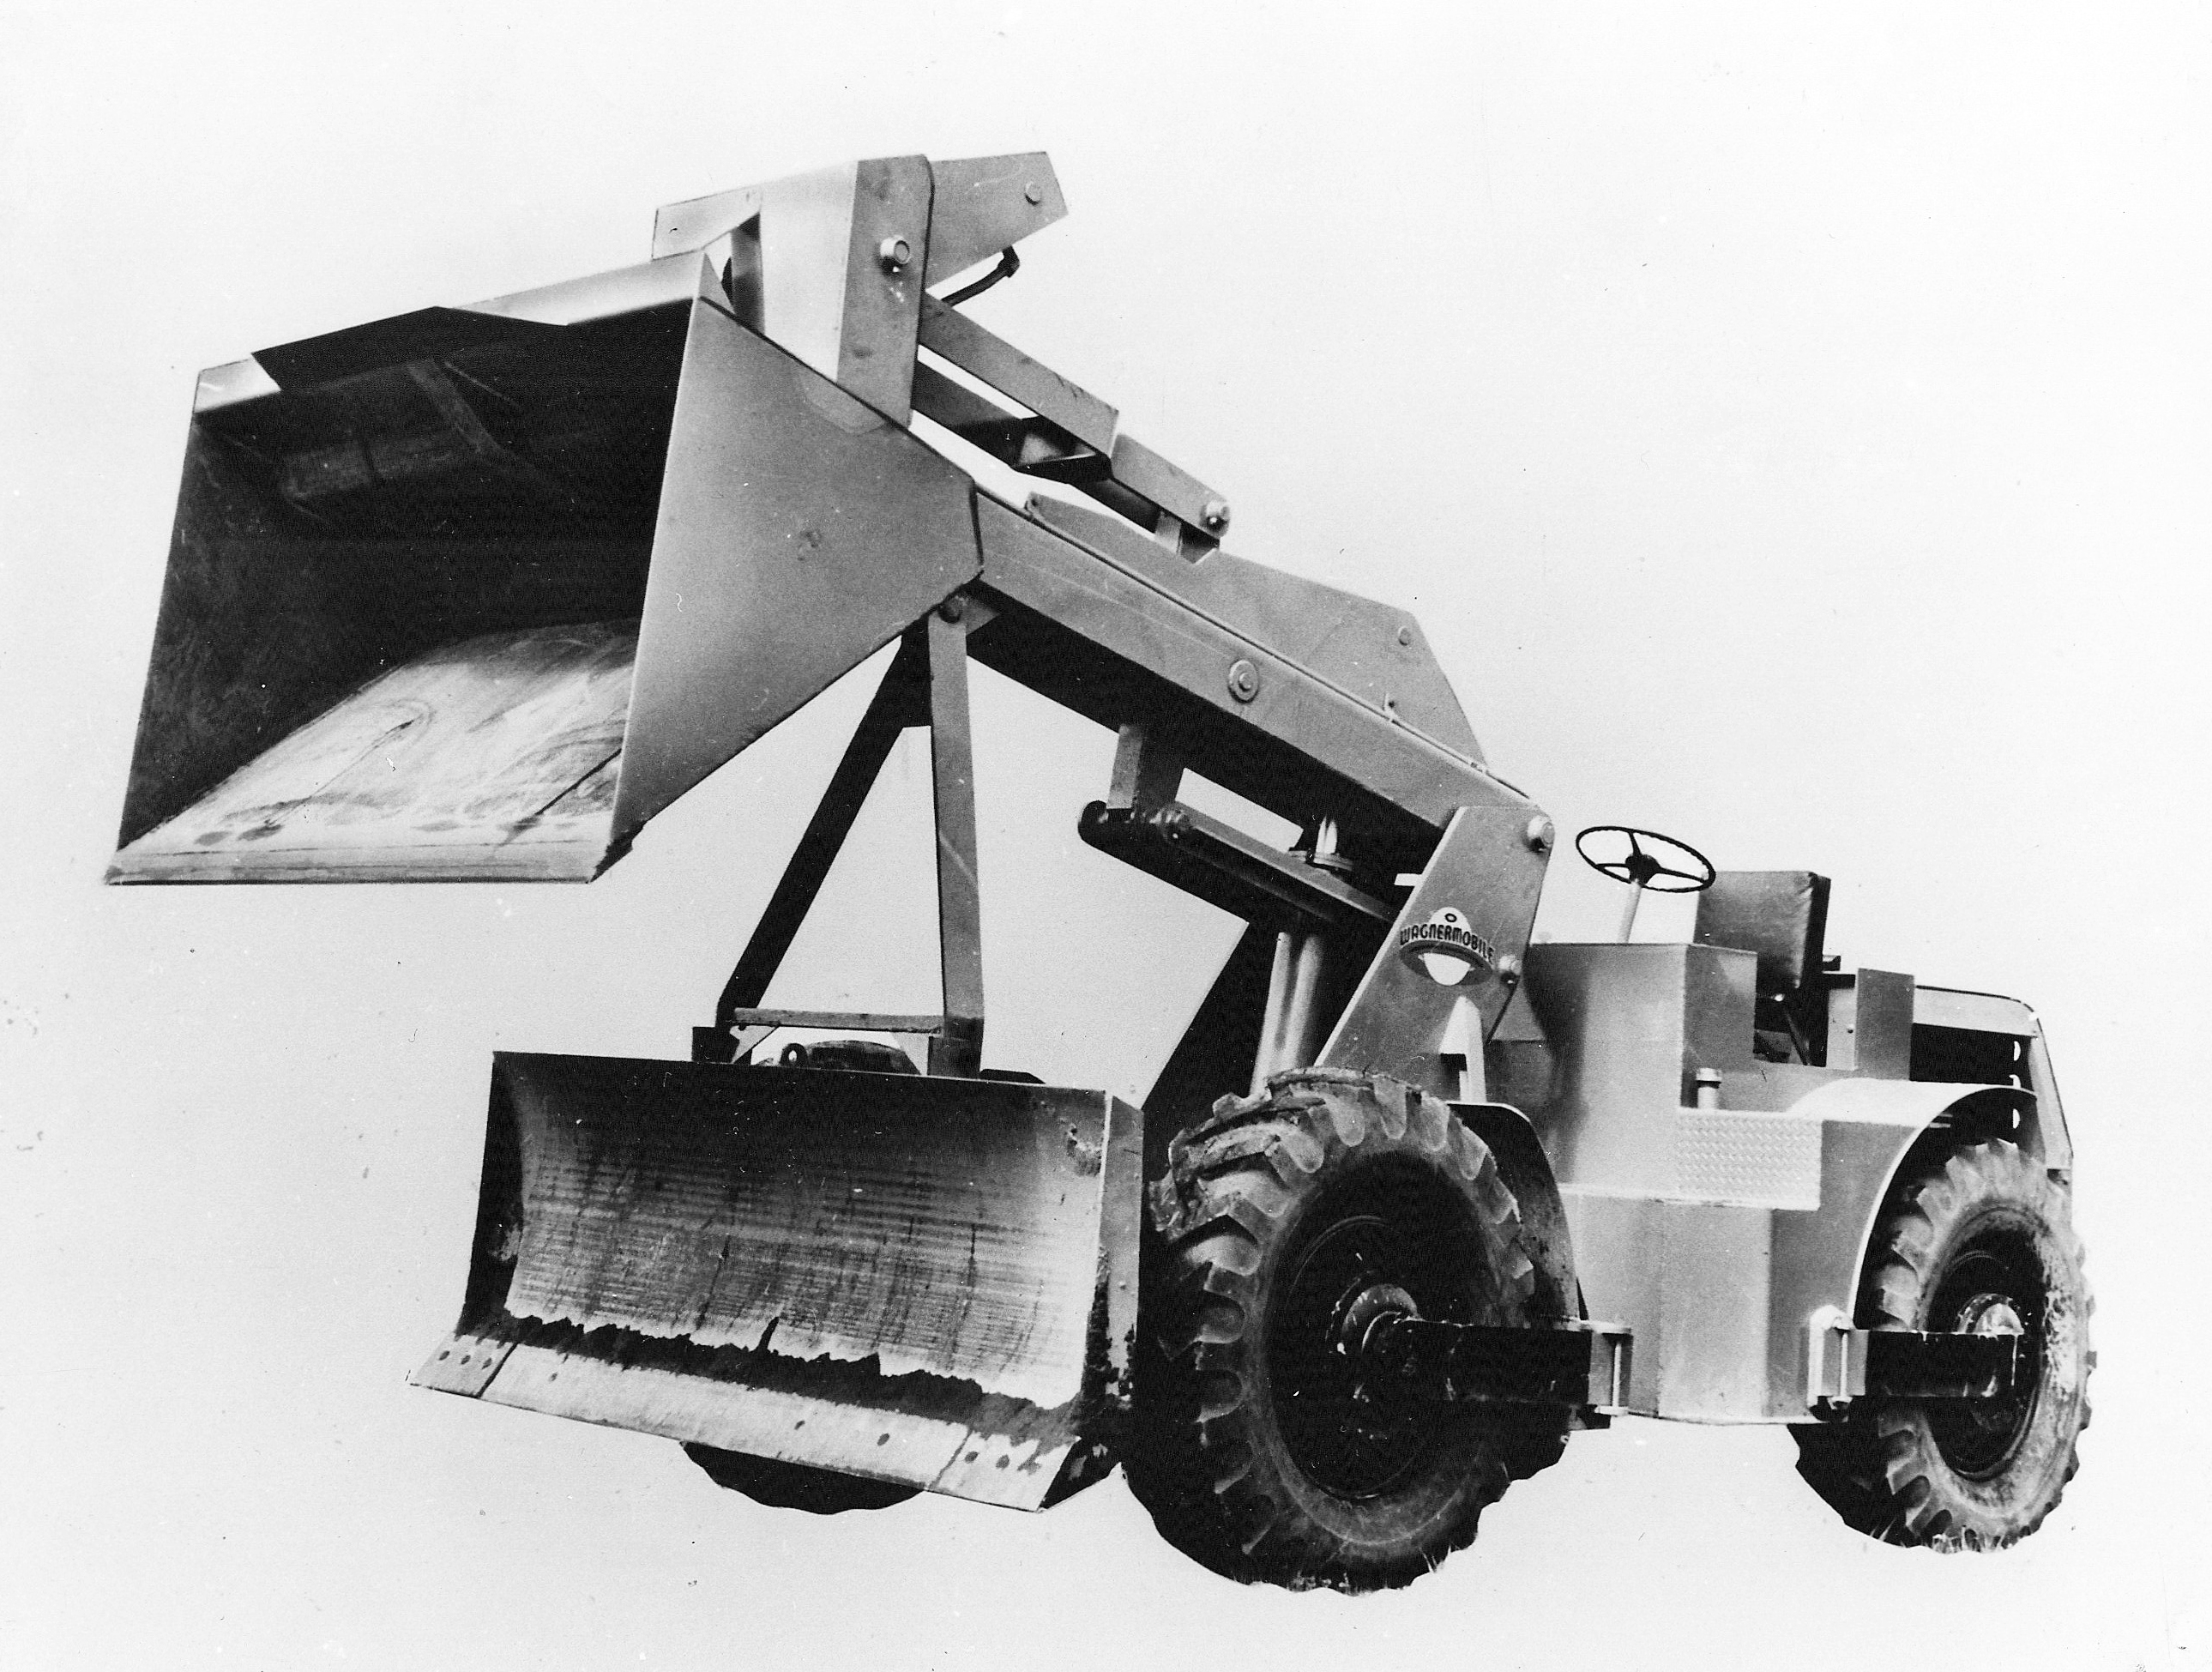 bulldozer caricatore cingolato combinazione Wagner-combination-wheel-dozer-and-loader-1953-pit-quarry